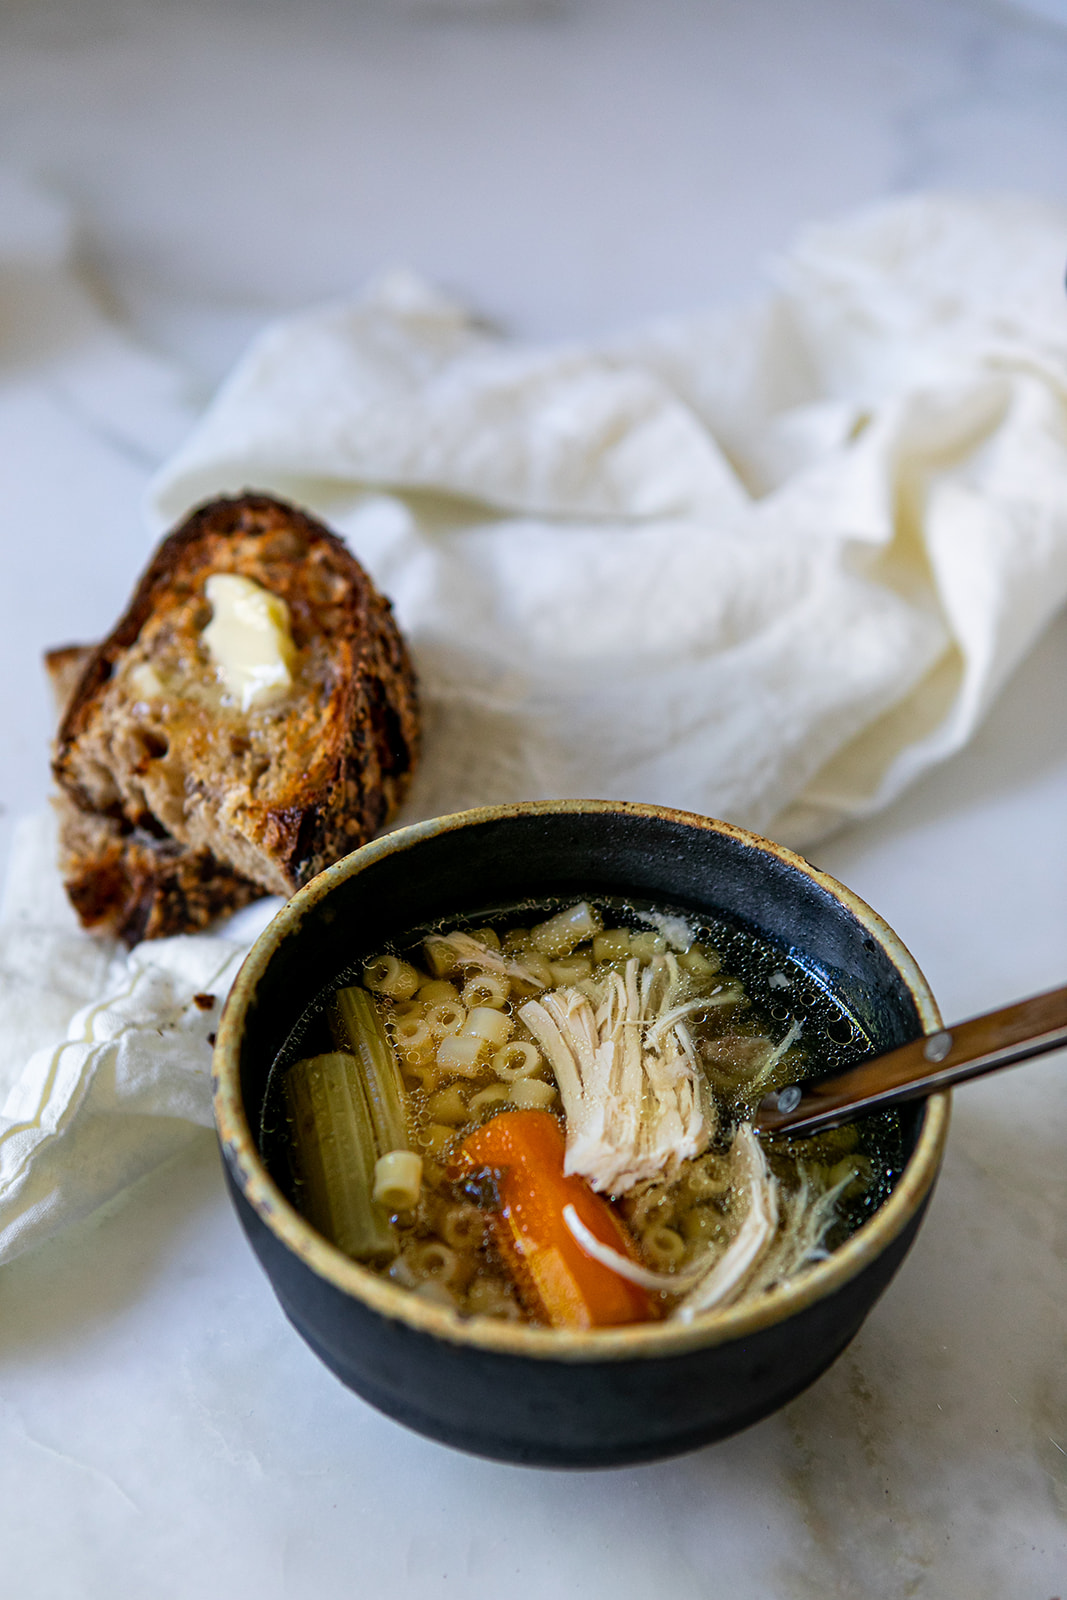 leanne citrone chicken noodle soup